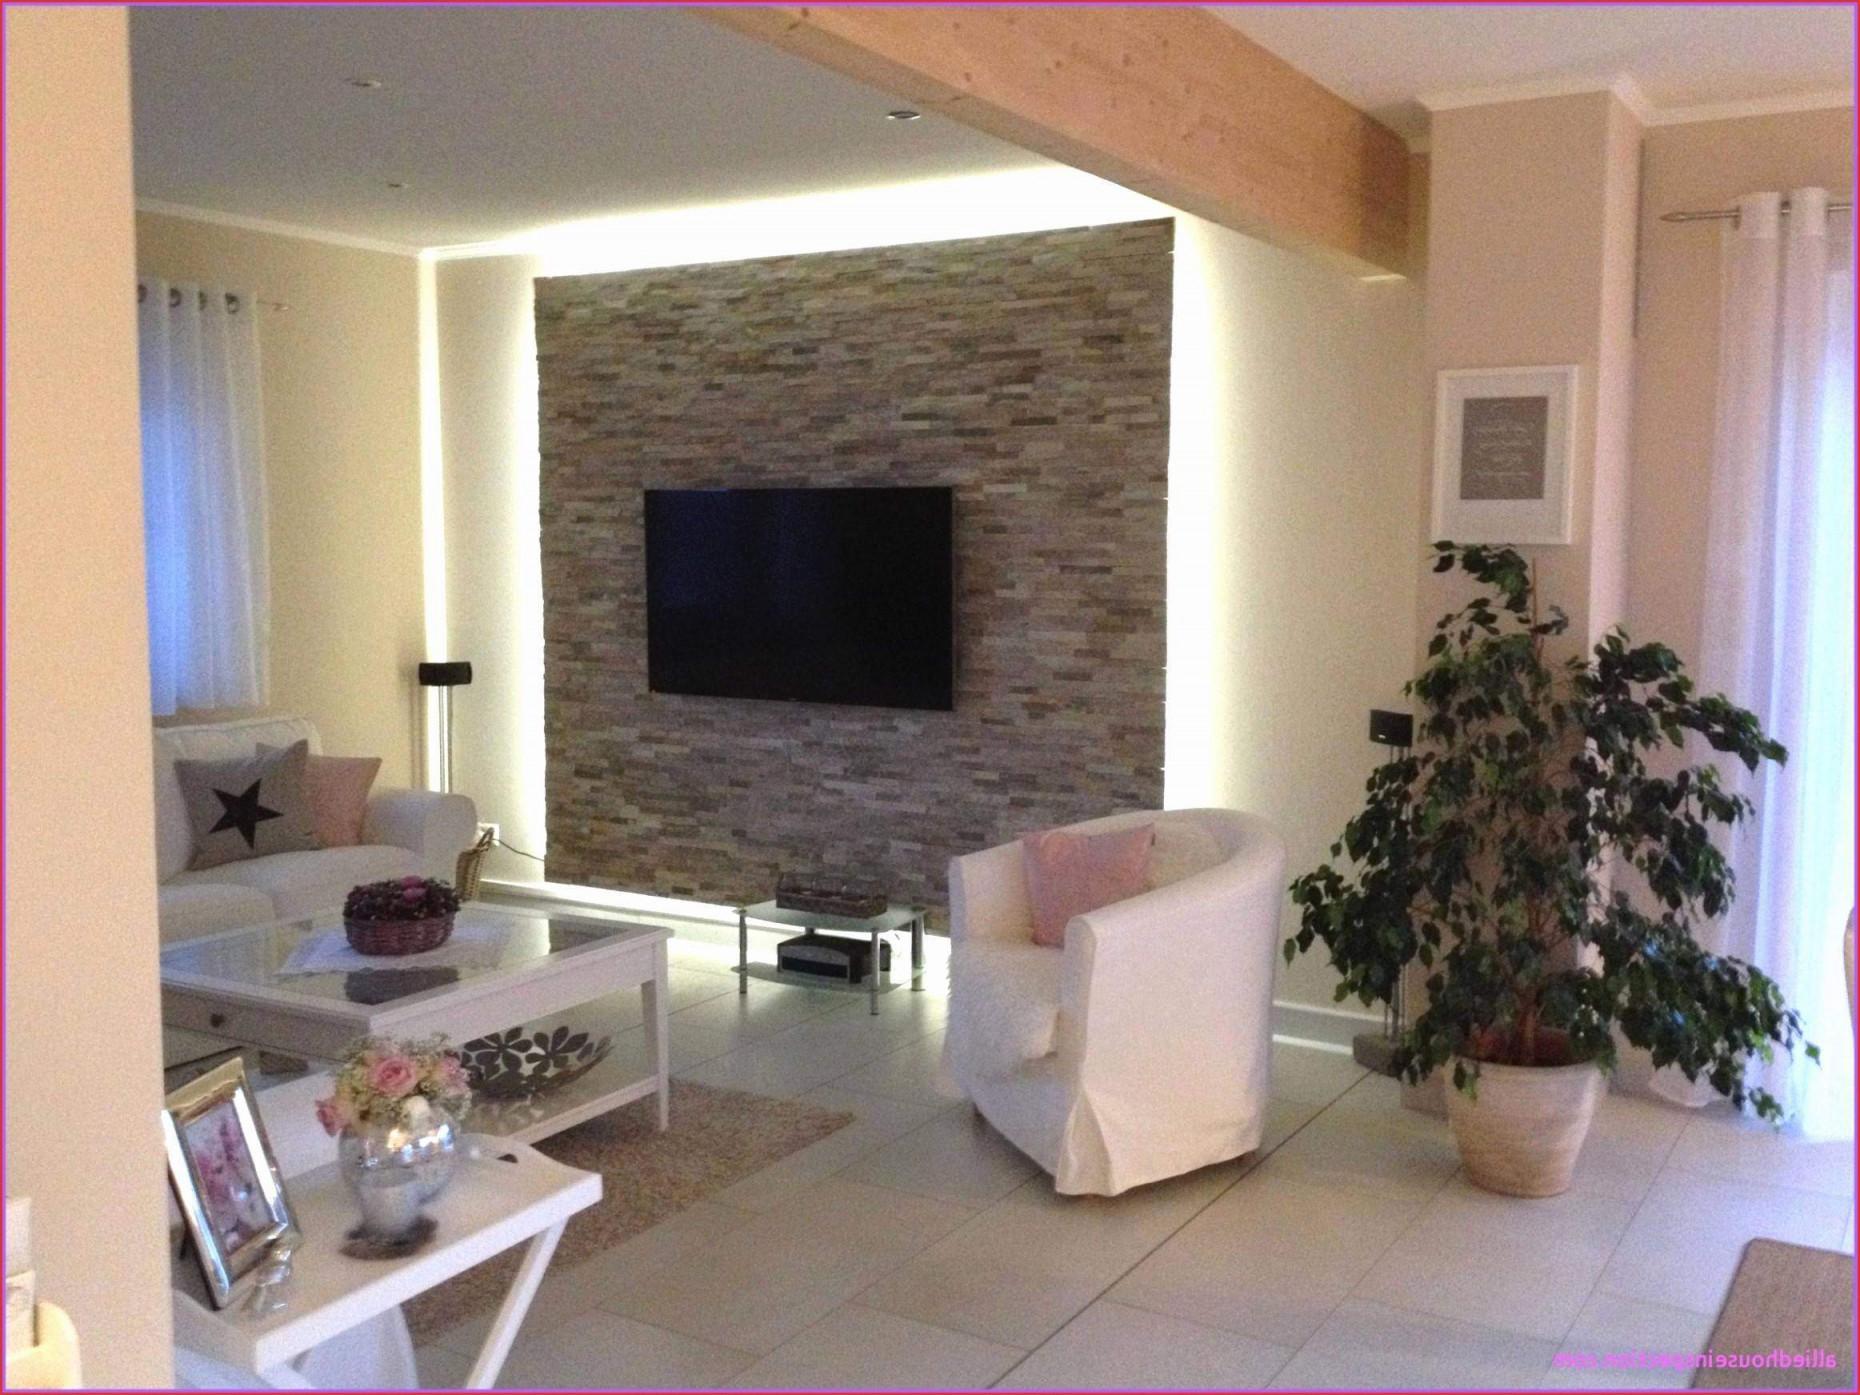 Decke Wohnzimmer Genial Wohnzimmer Decken Einzigartig von Decken Deko Wohnzimmer Bild